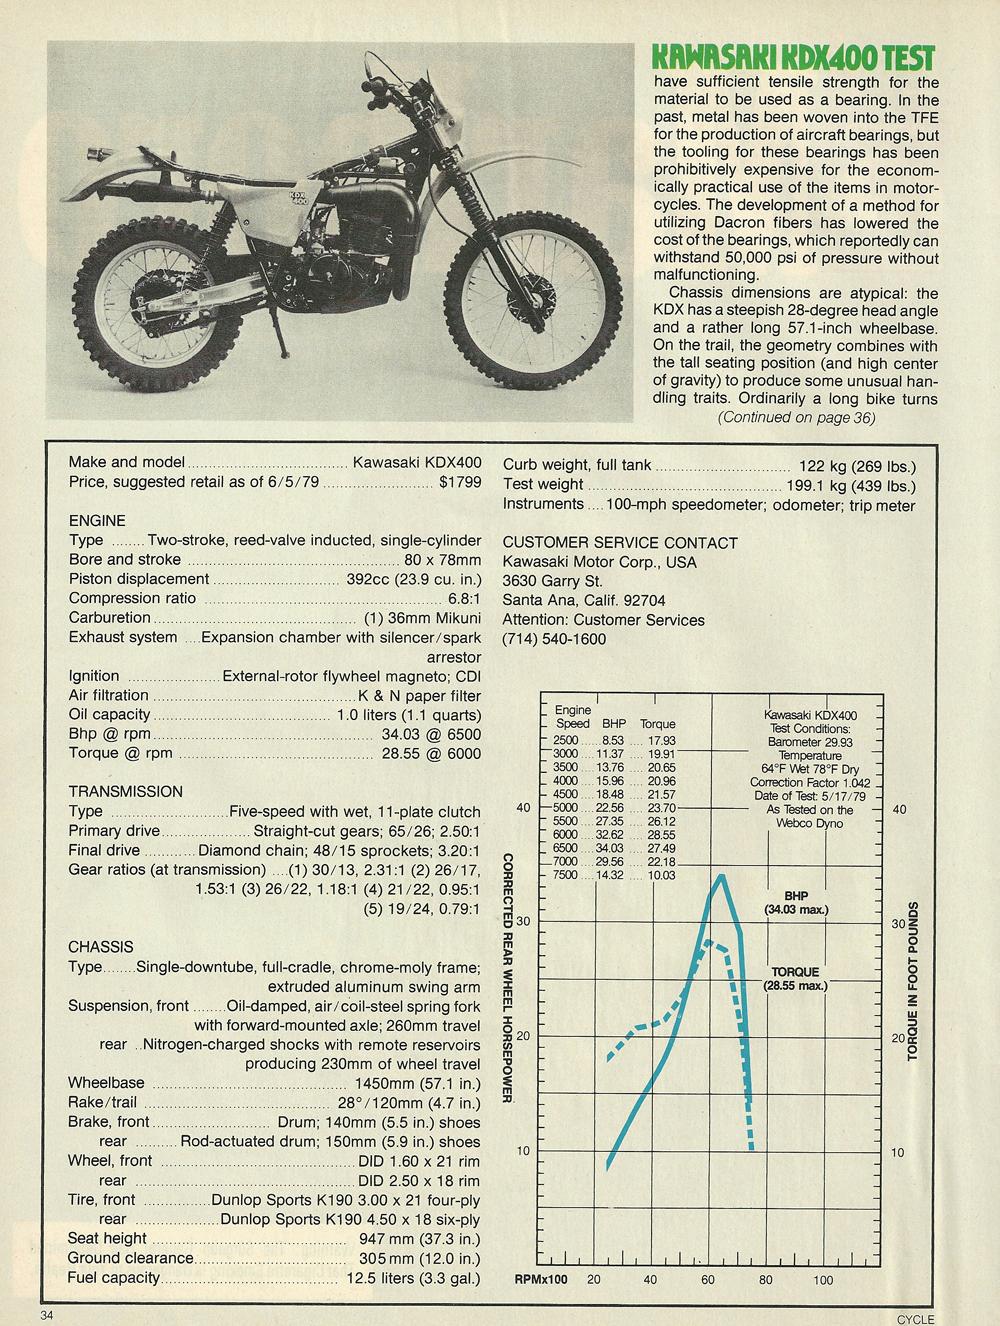 1979 Kawasaki KDX400 off road test 6.jpg